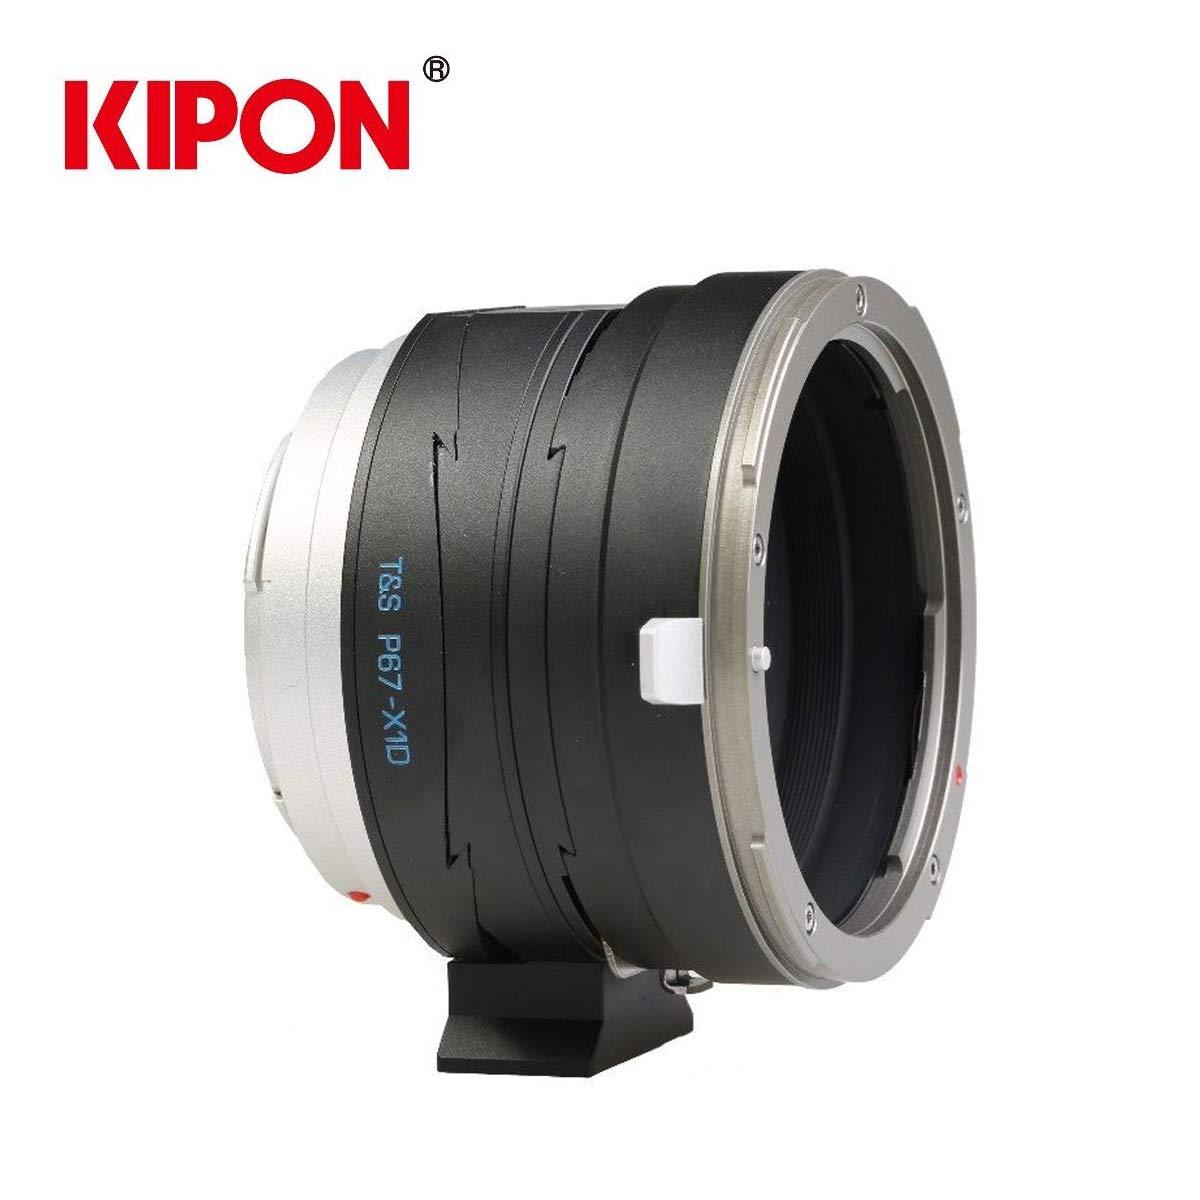 Kipon チルトシフトアダプター Pentax 67 P67 マウントレンズ用 Hasselblad X1D カメラ用   B07GPNGSD7